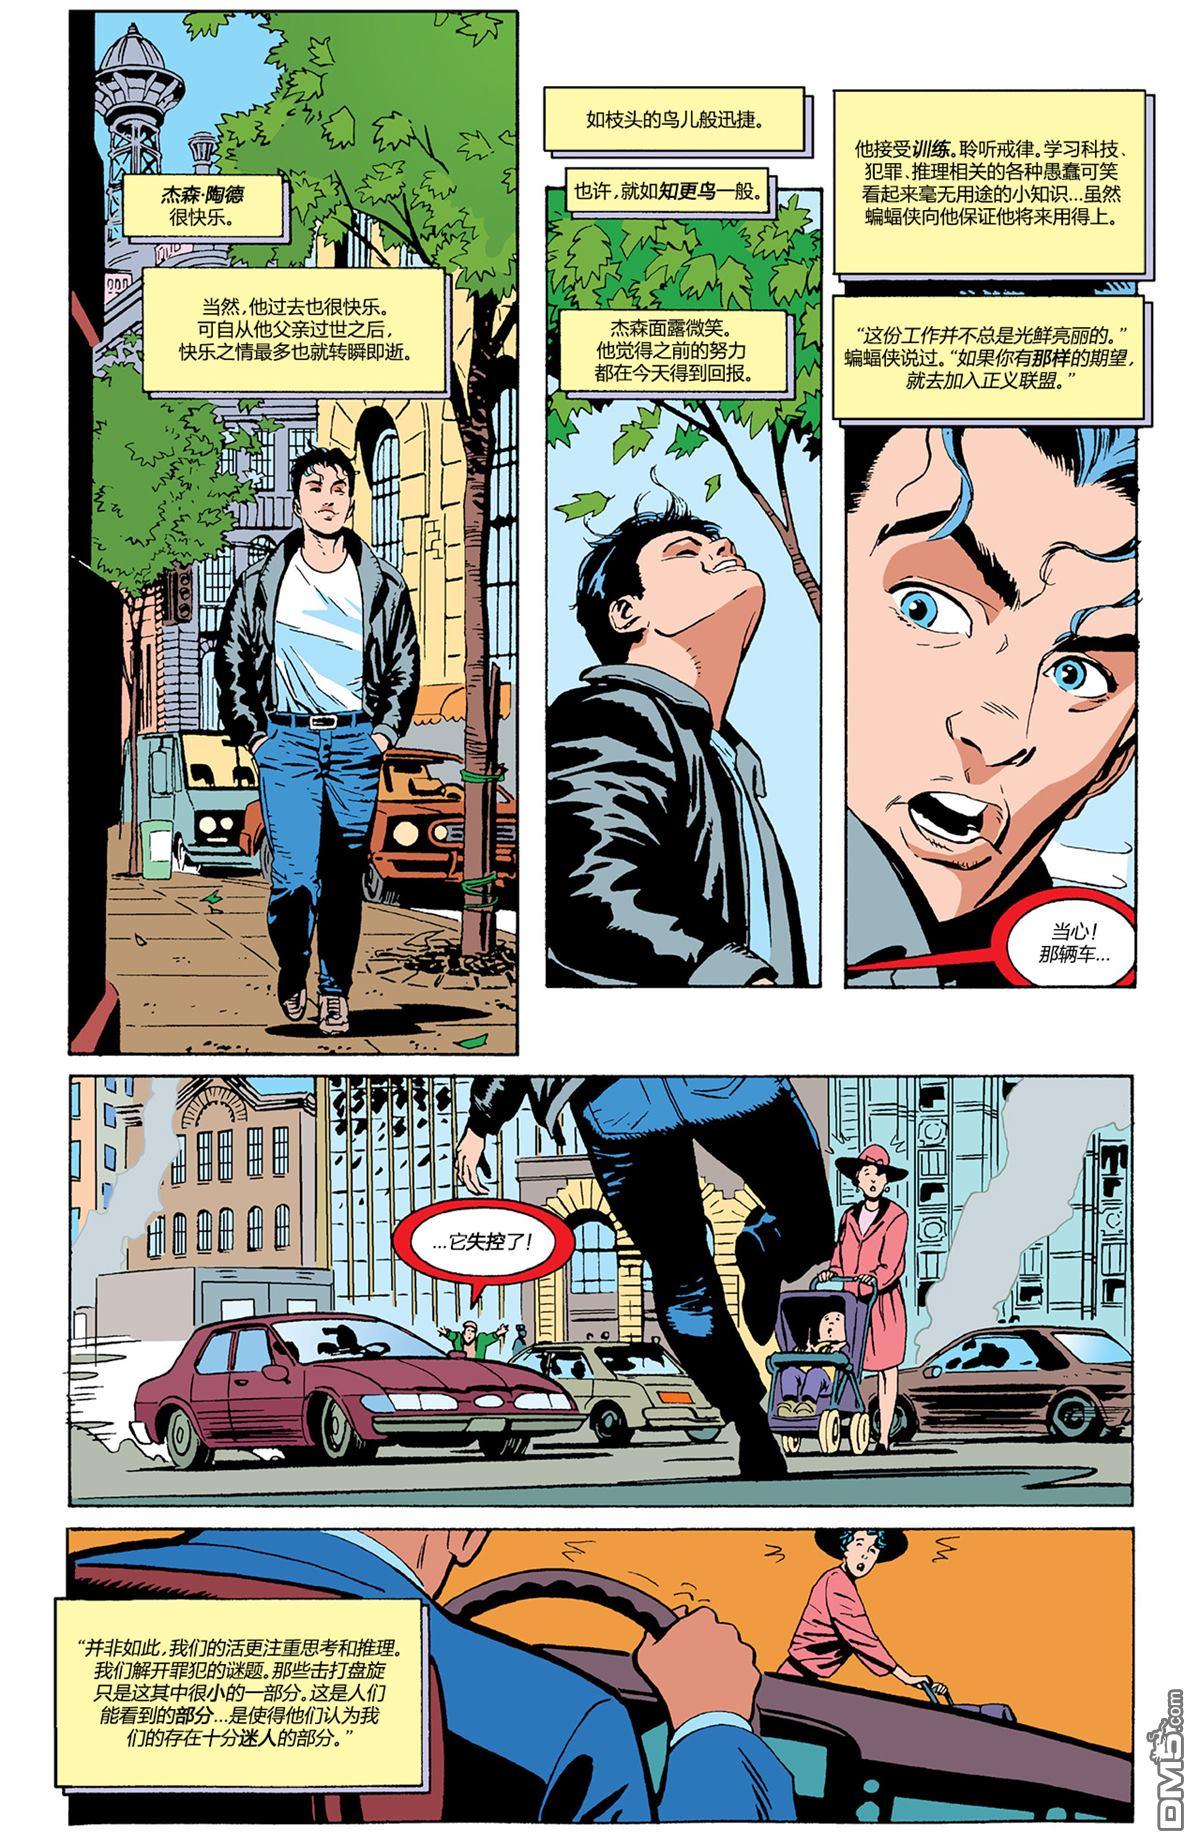 蝙蝠俠黑暗騎士傳說:日落漫畫蝙蝠俠黑暗騎士傳說:日落100話:傑森(第1頁)劇情-二次元動漫